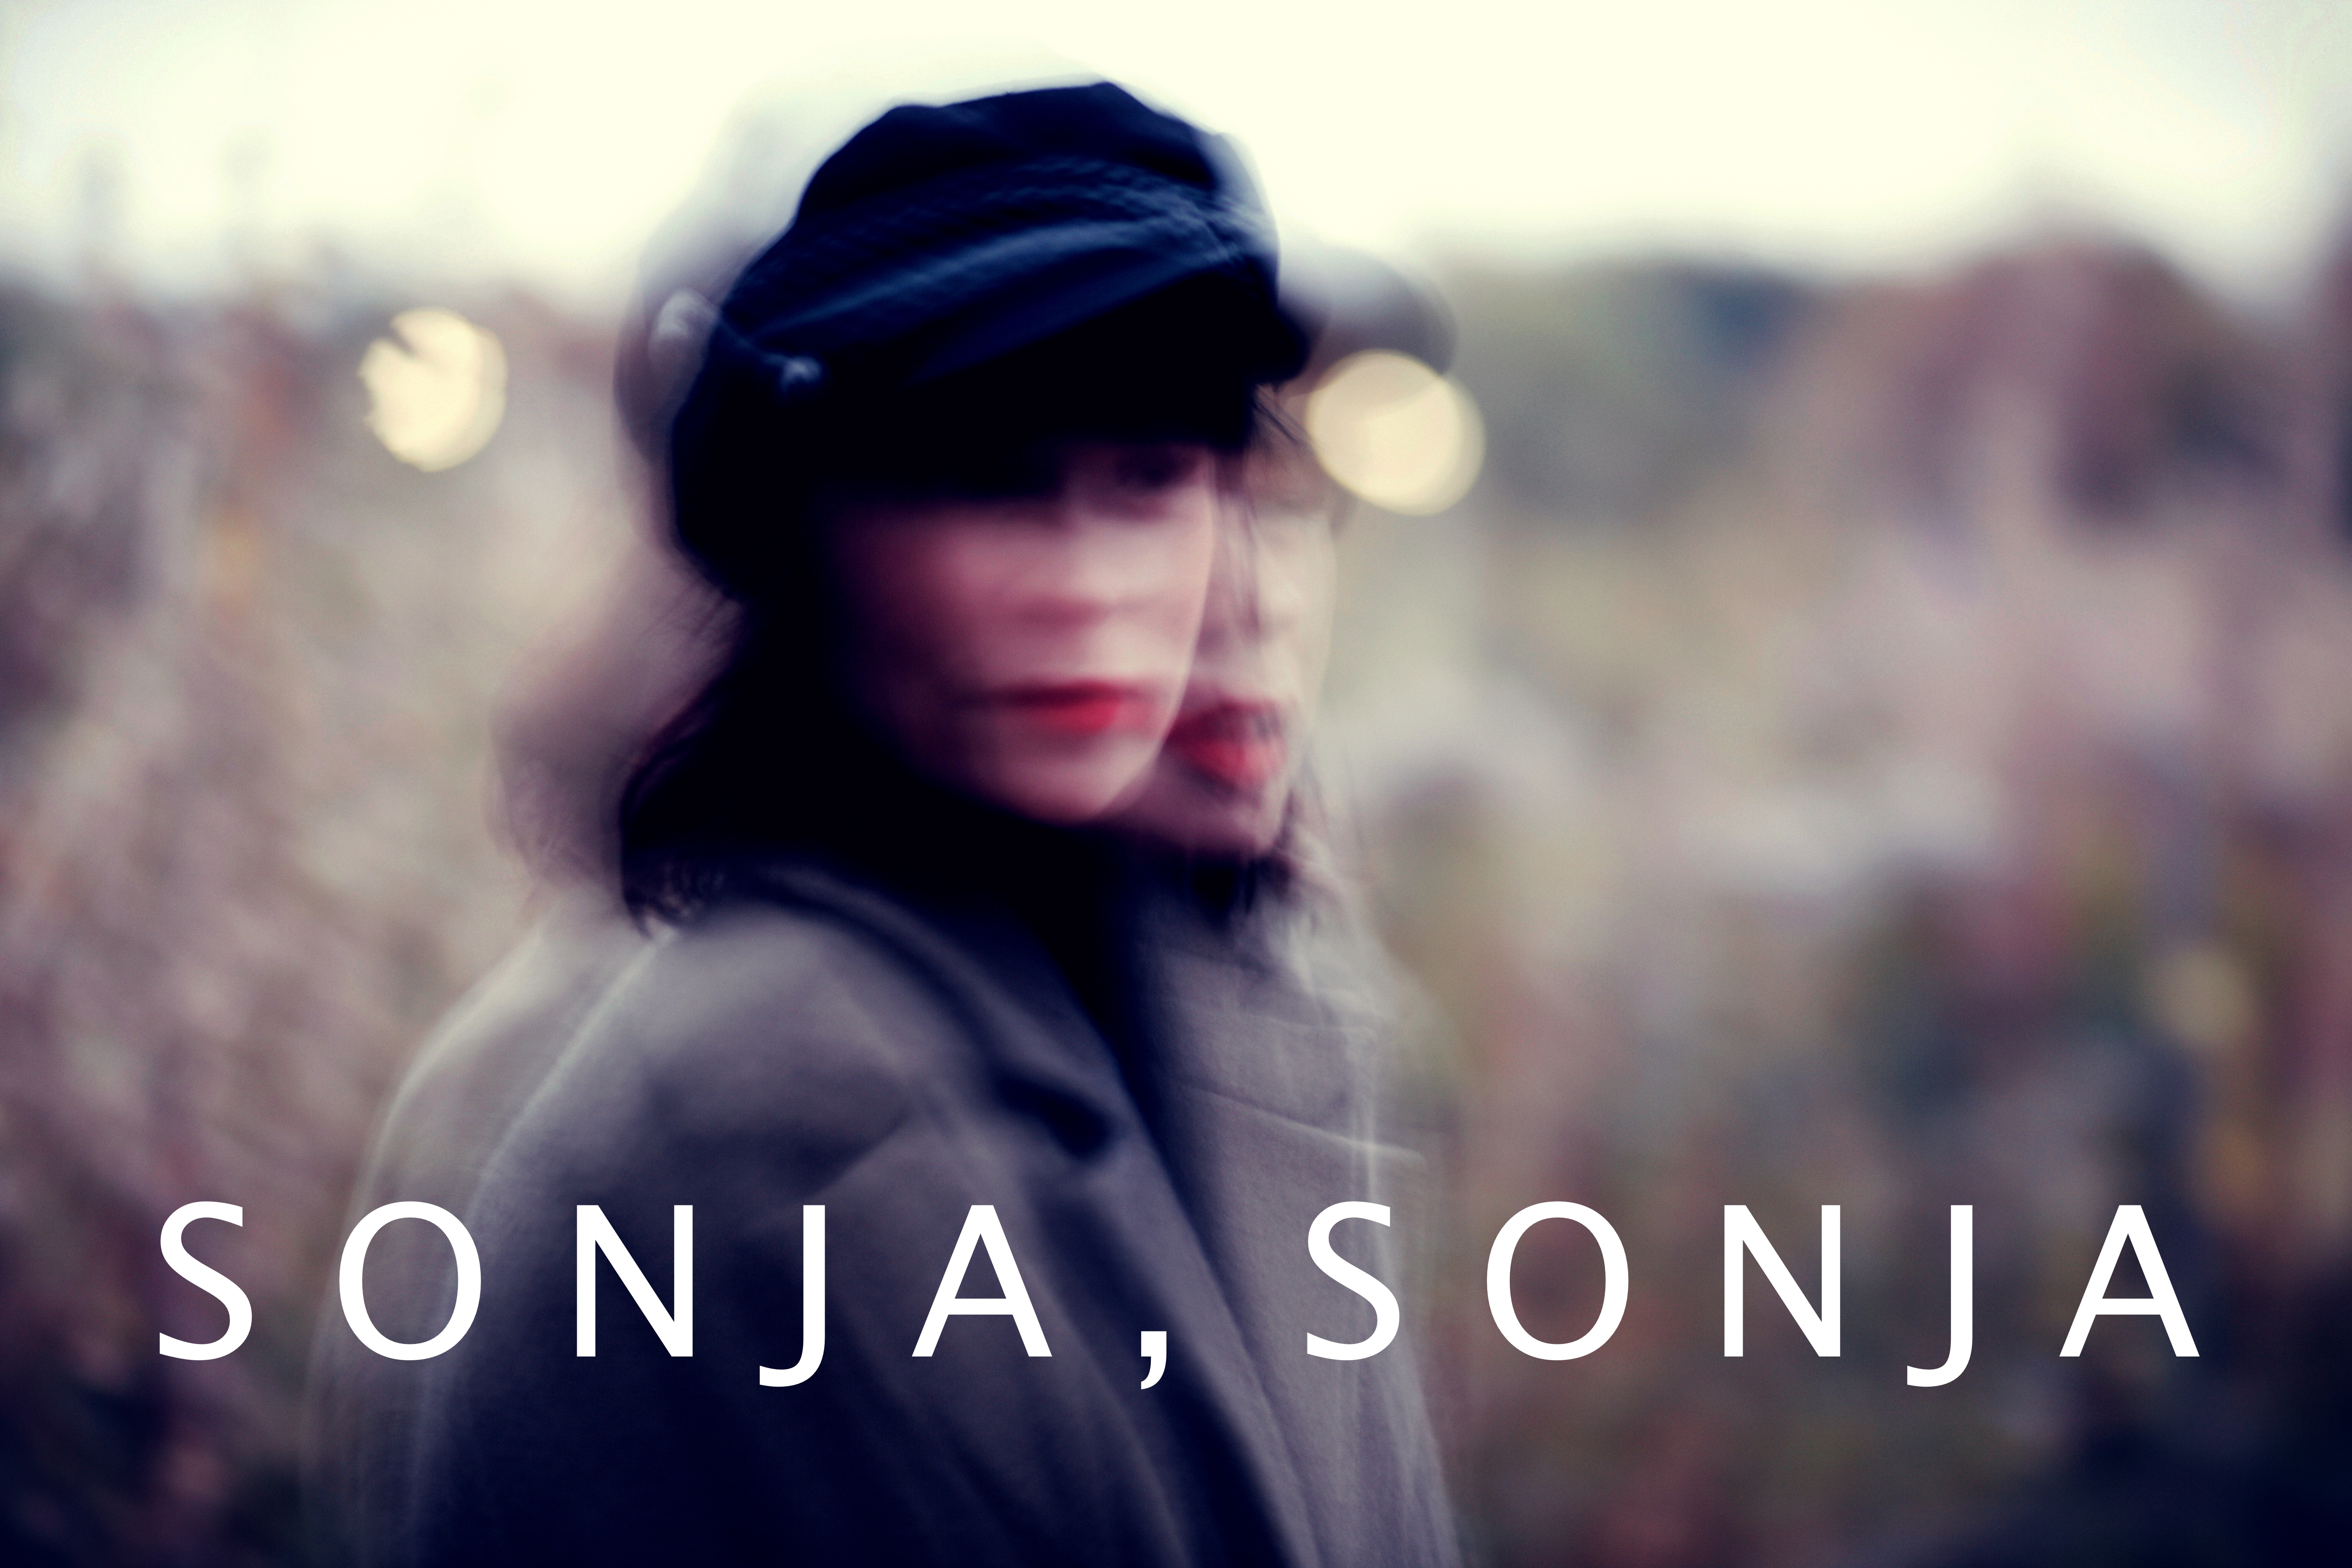 Sonja, Sonja